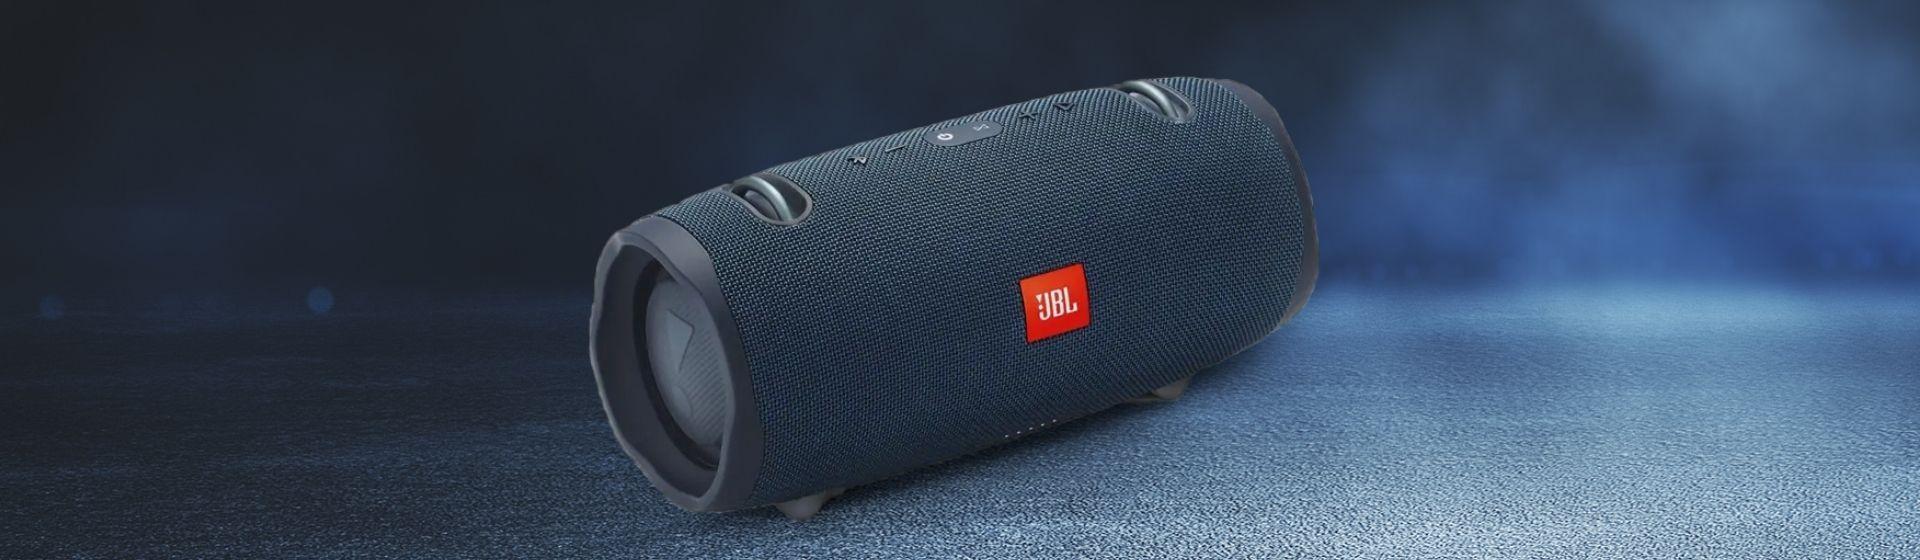 JBL Xtreme 2 é boa? Conheça a caixa de som bluetooth potente da JBL